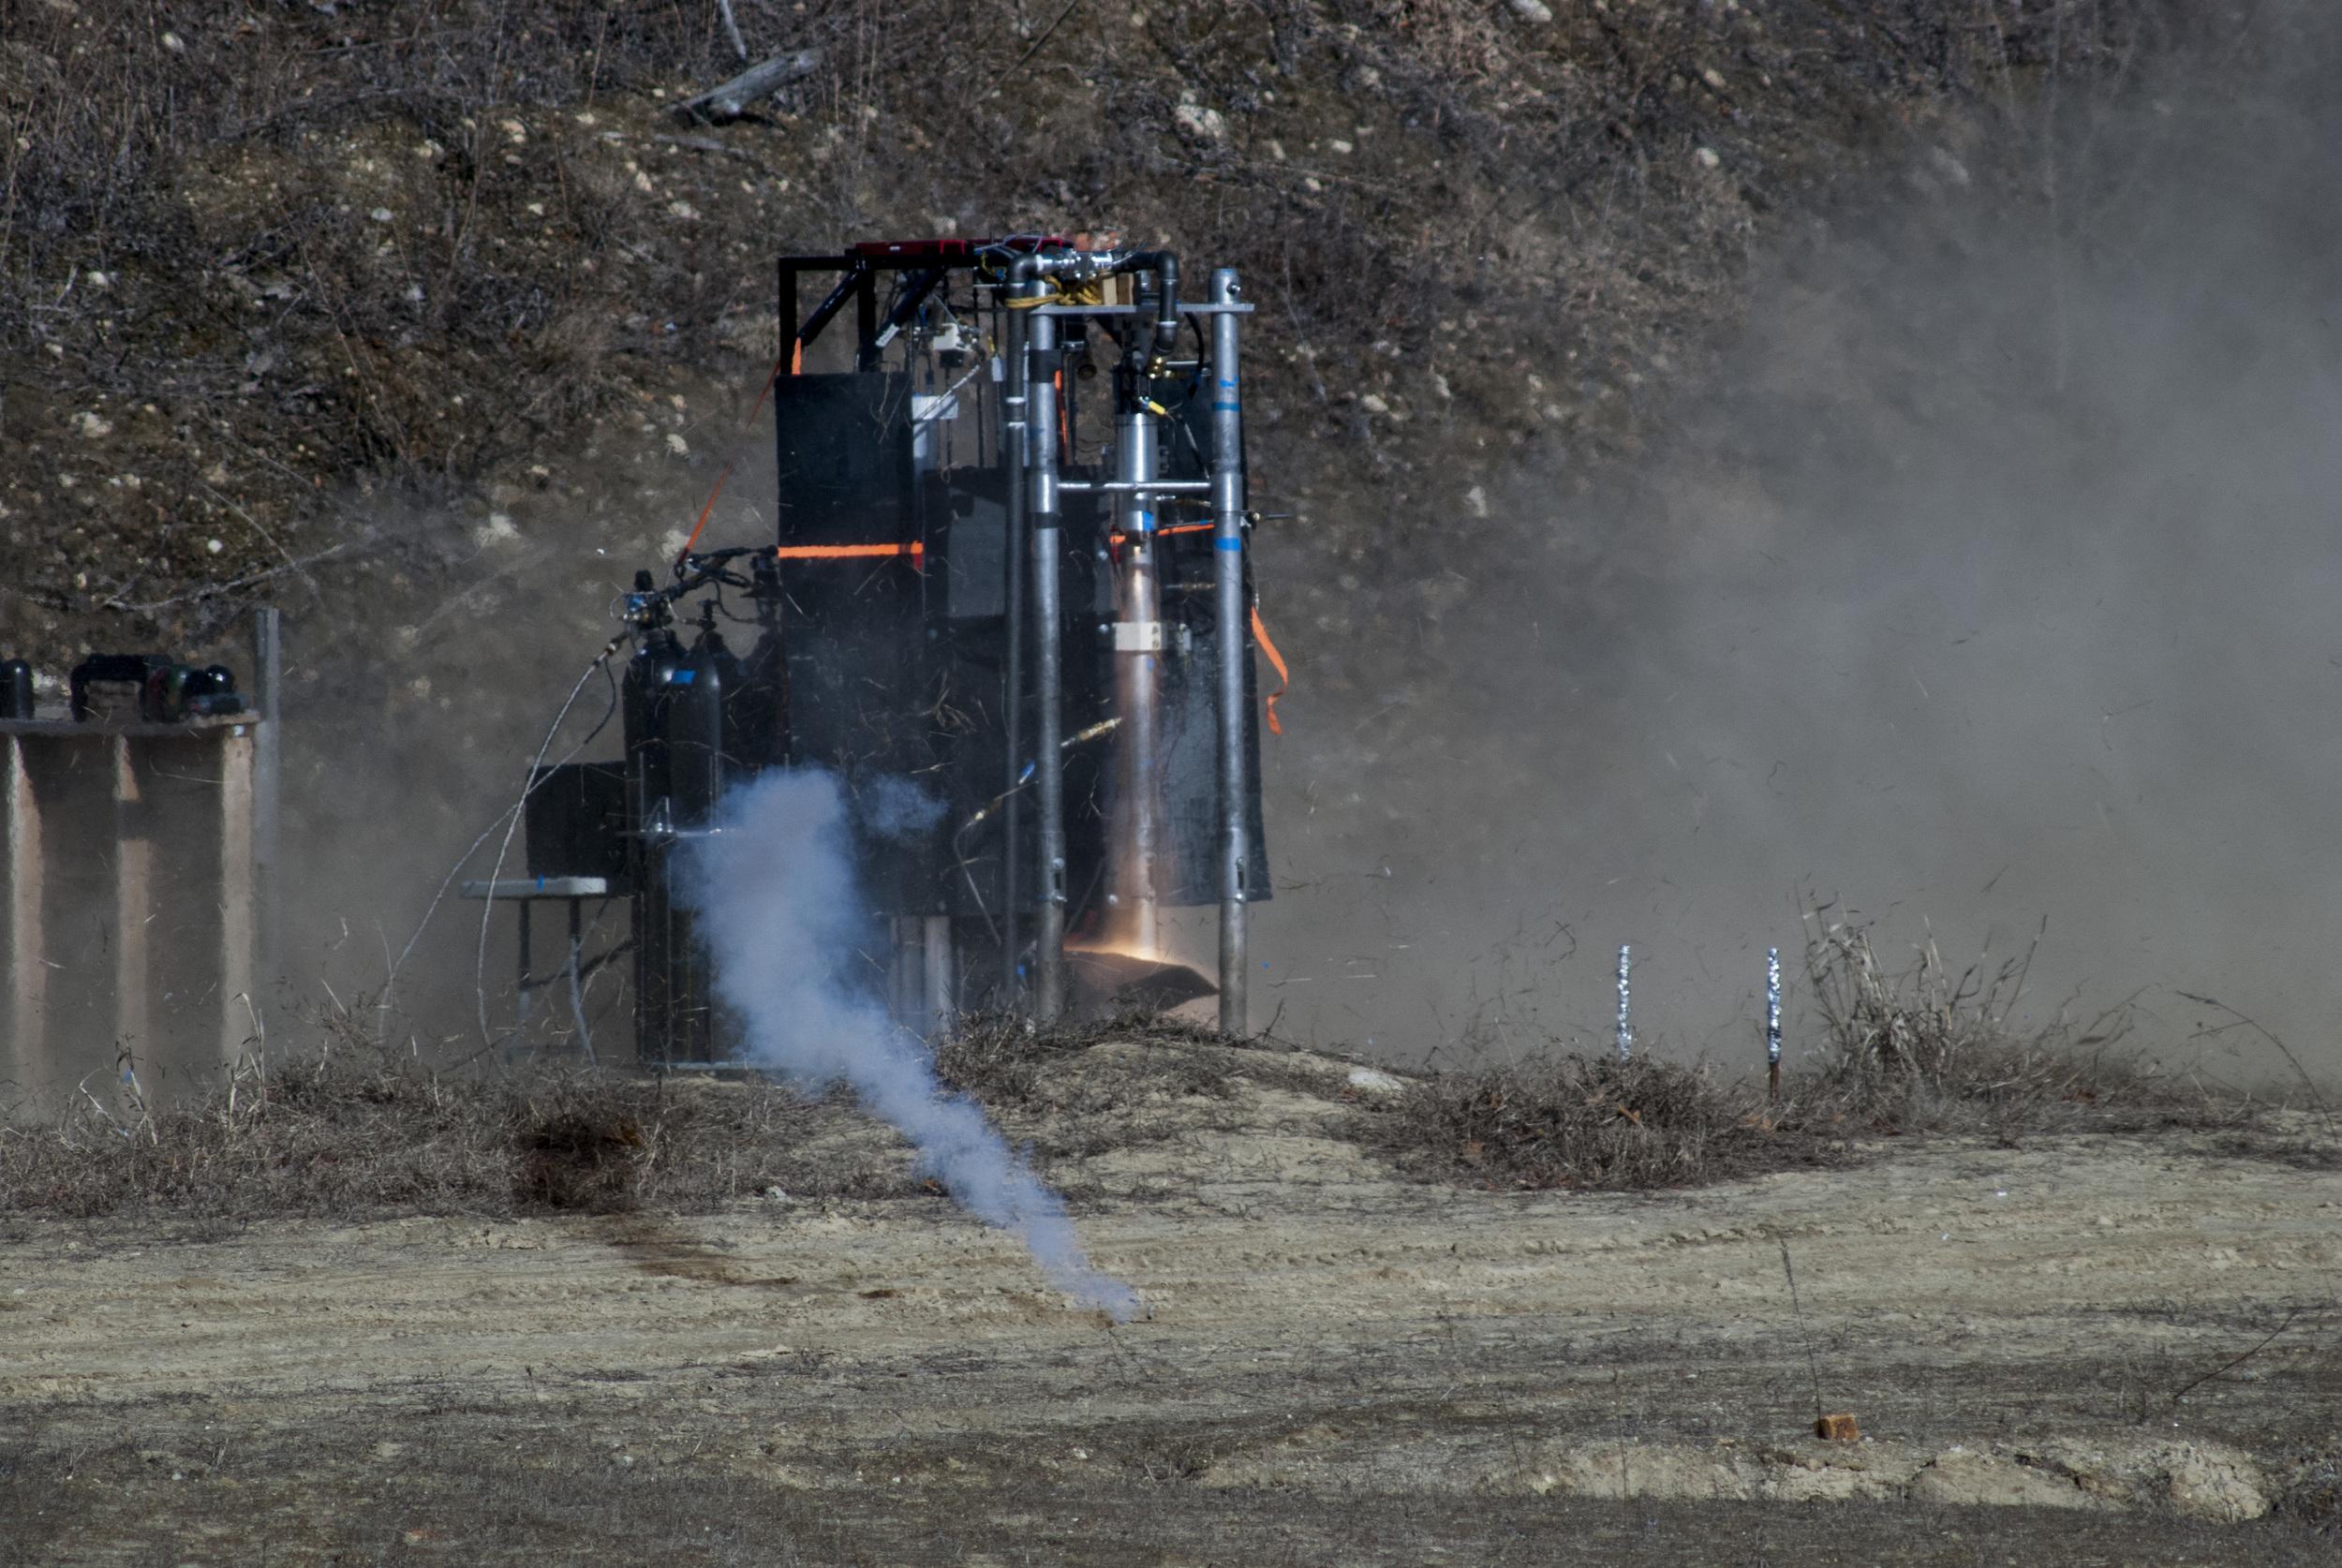 Hot fire test